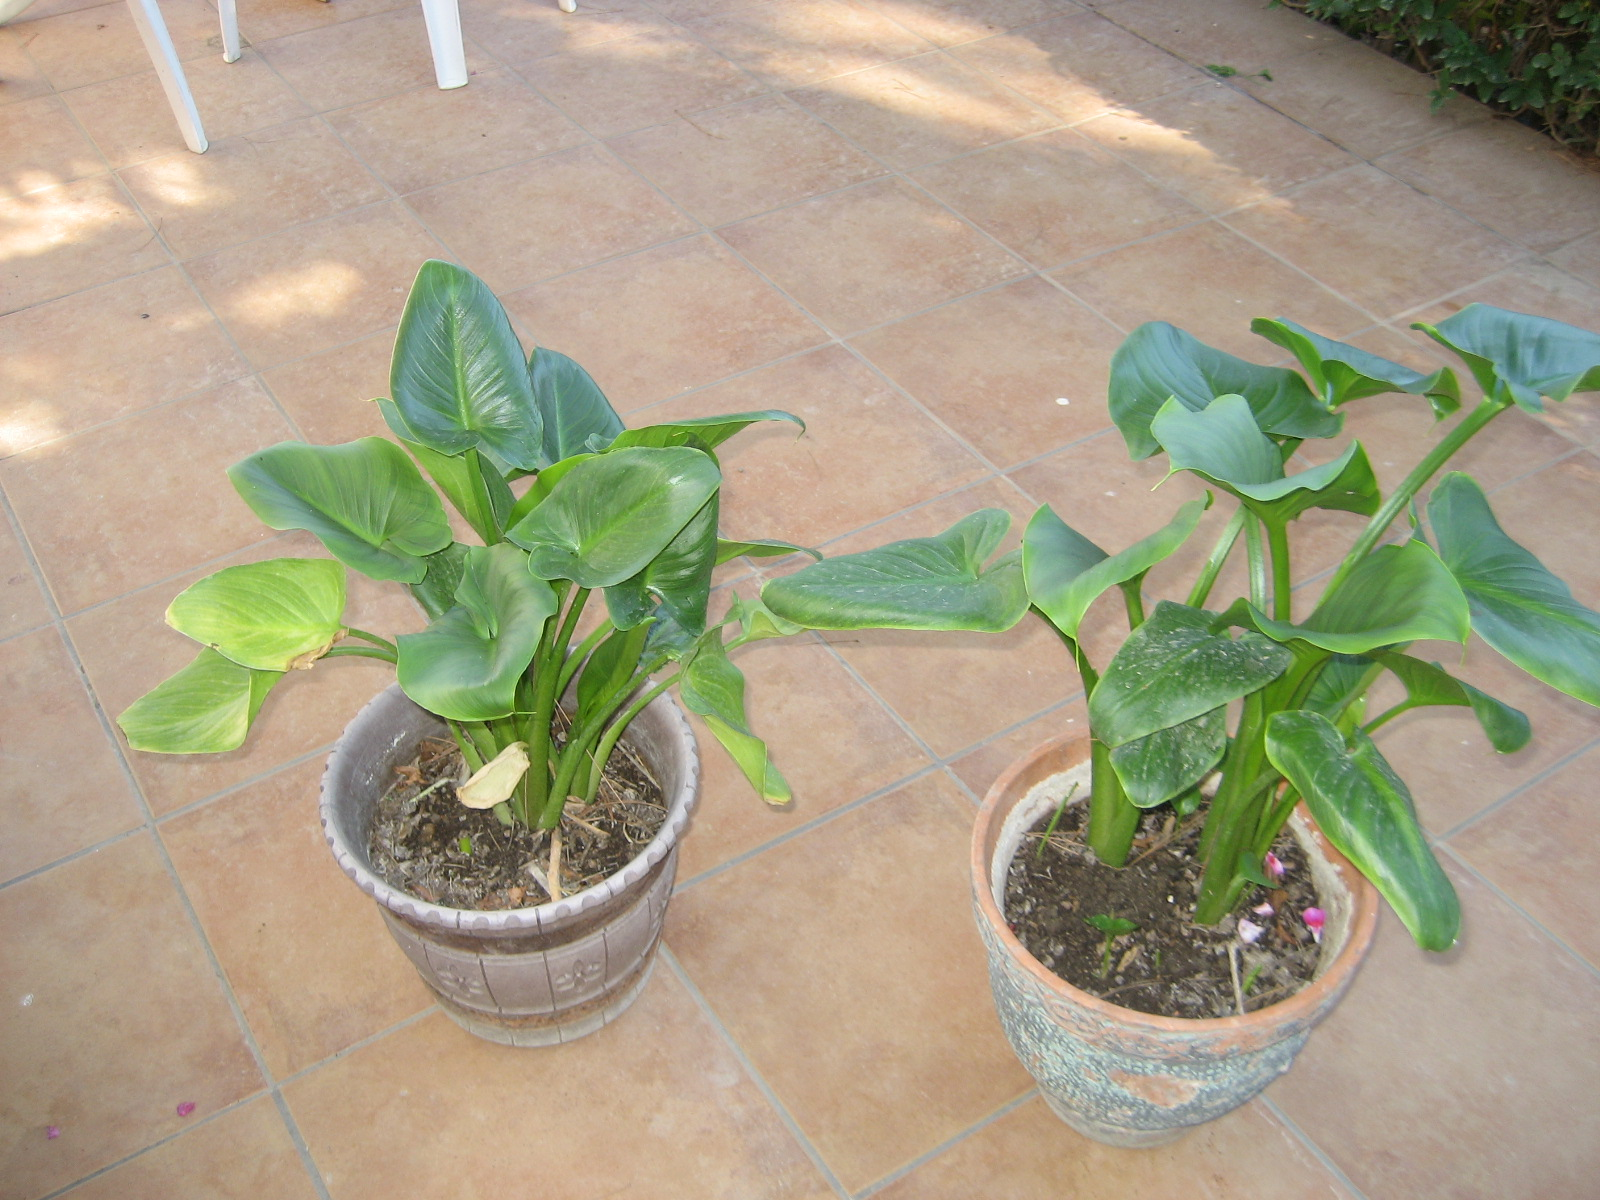 El huerto de balsas plantas de interior y exterior en macetas for Plantas de exterior para macetas